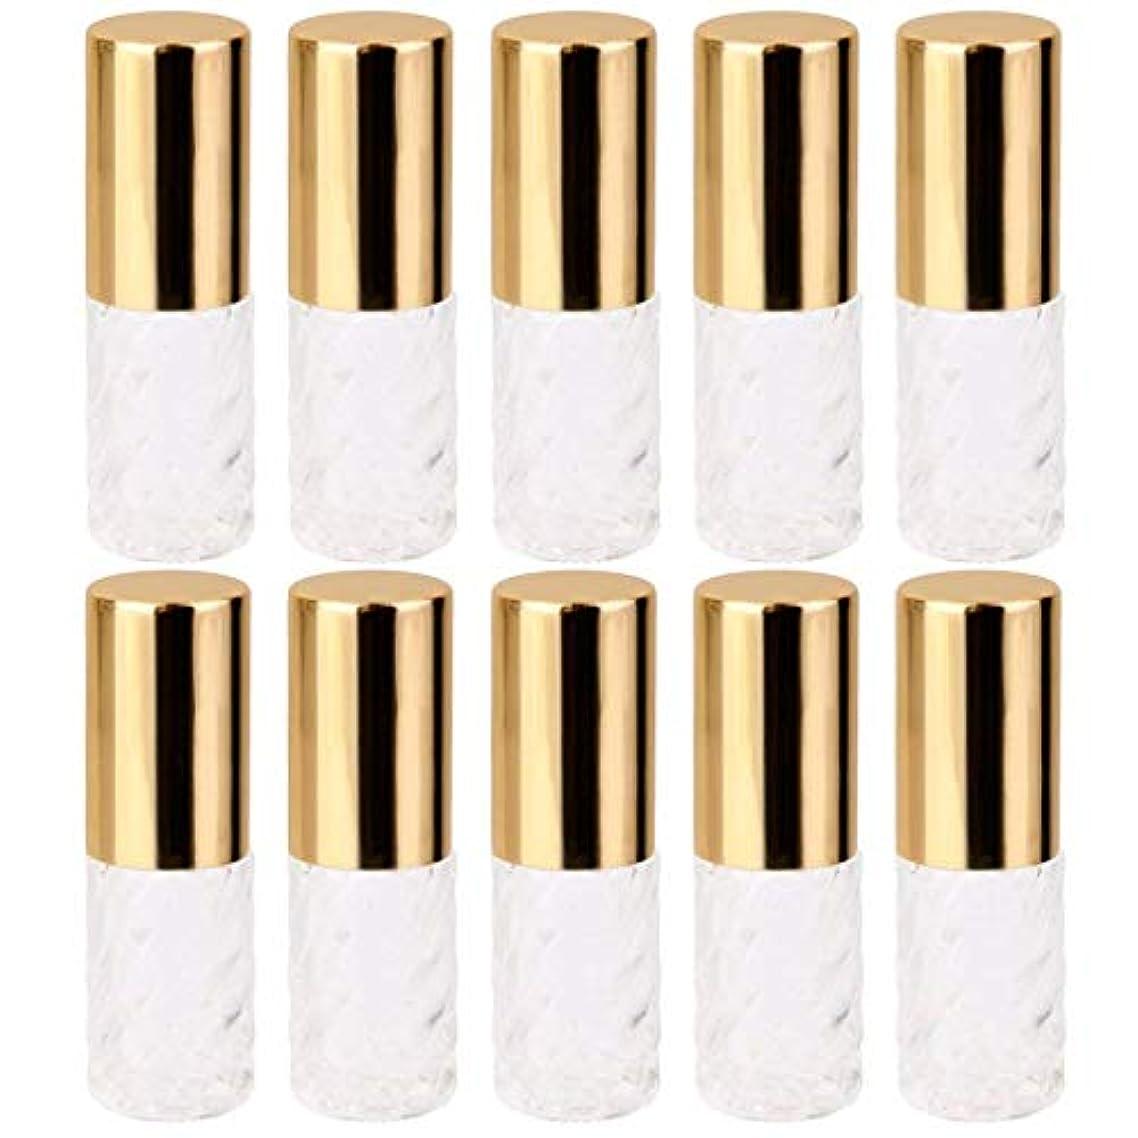 ぼかし道を作る振りかける10個 5ml 透明 交換 旅行 空 ロールオン ガラス 香水瓶 容器 コスメ 詰替え 便利